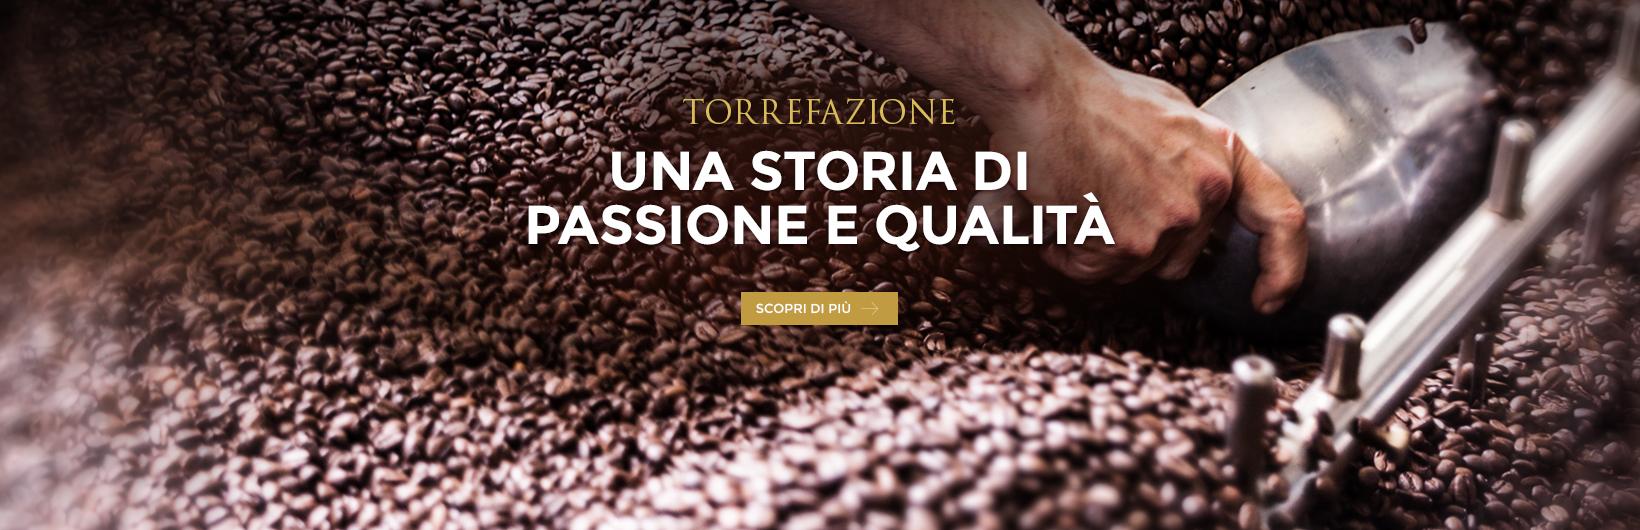 Banner_Torrefazione